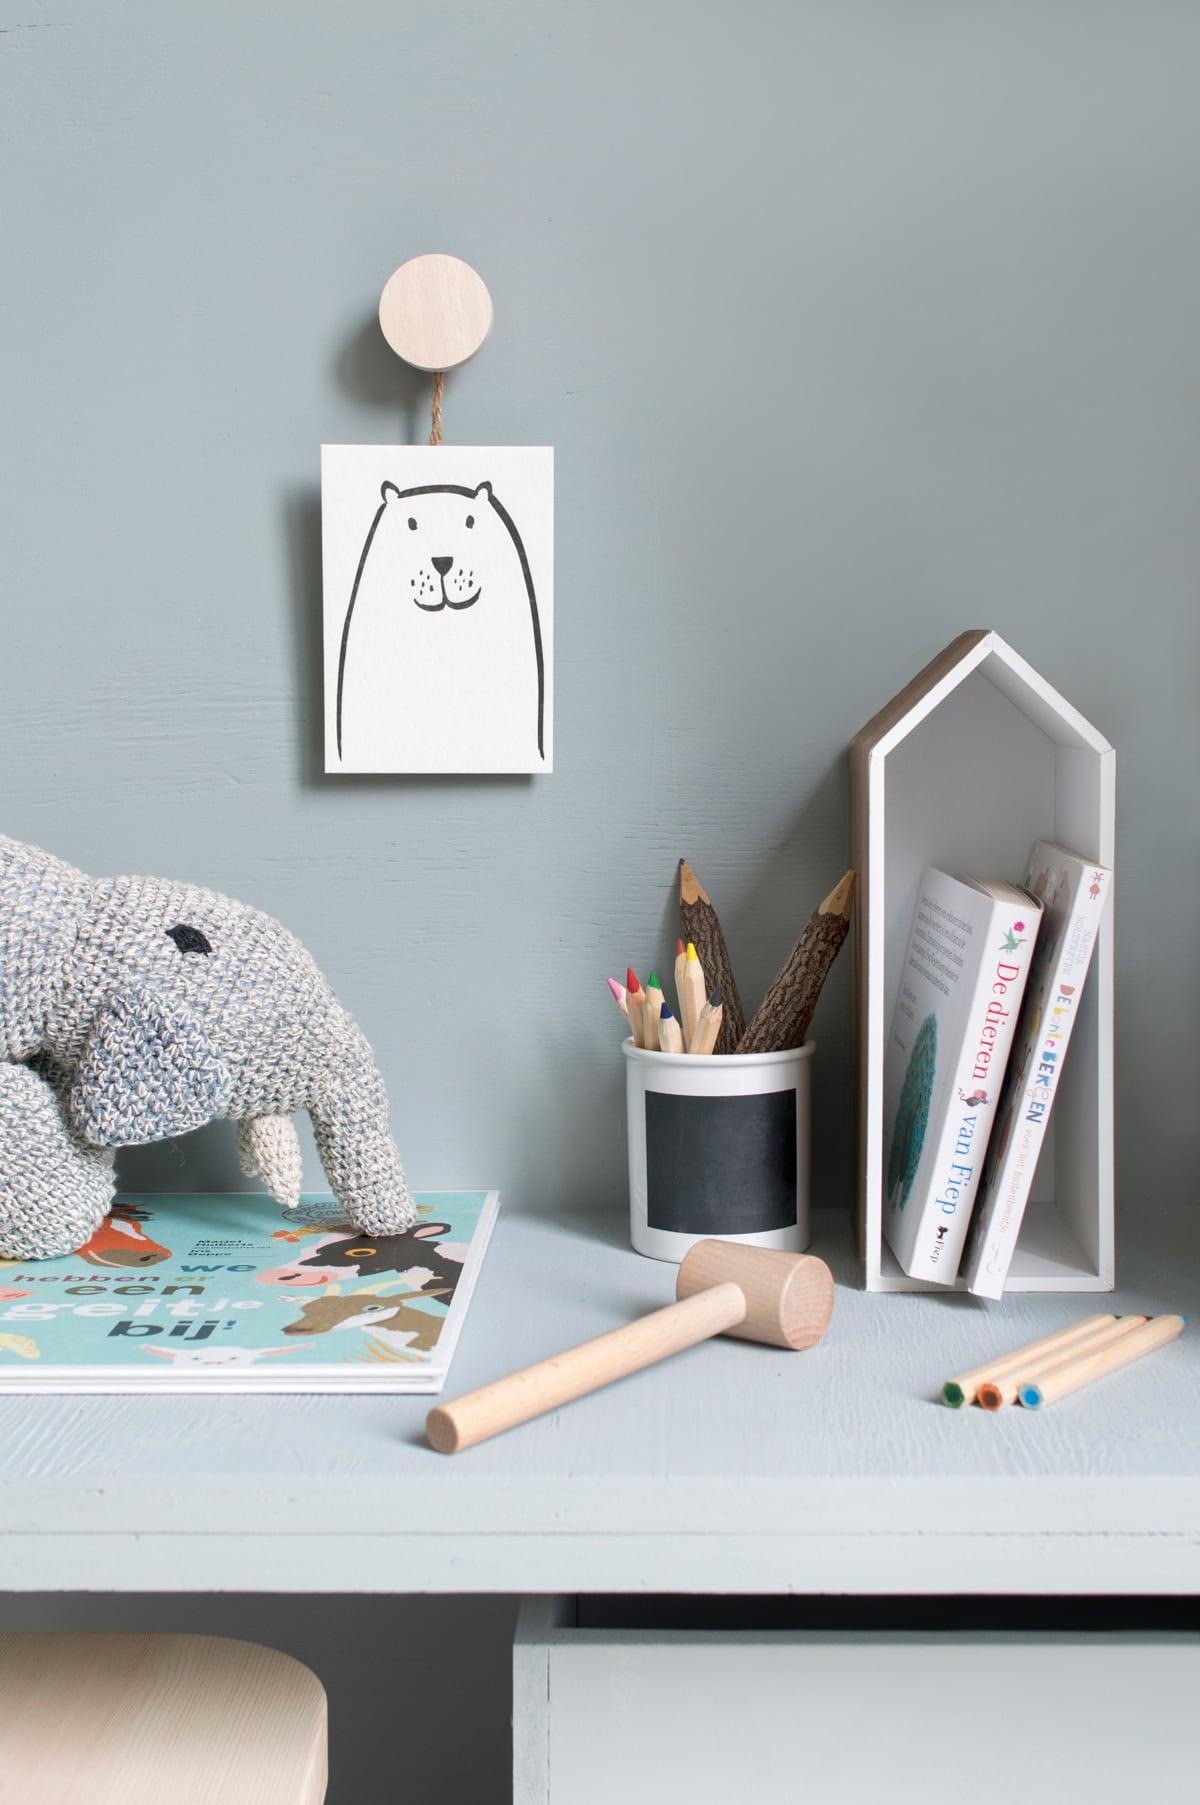 Kids KARWEI DIY speelhoekje - Tanja van Hoogdalem